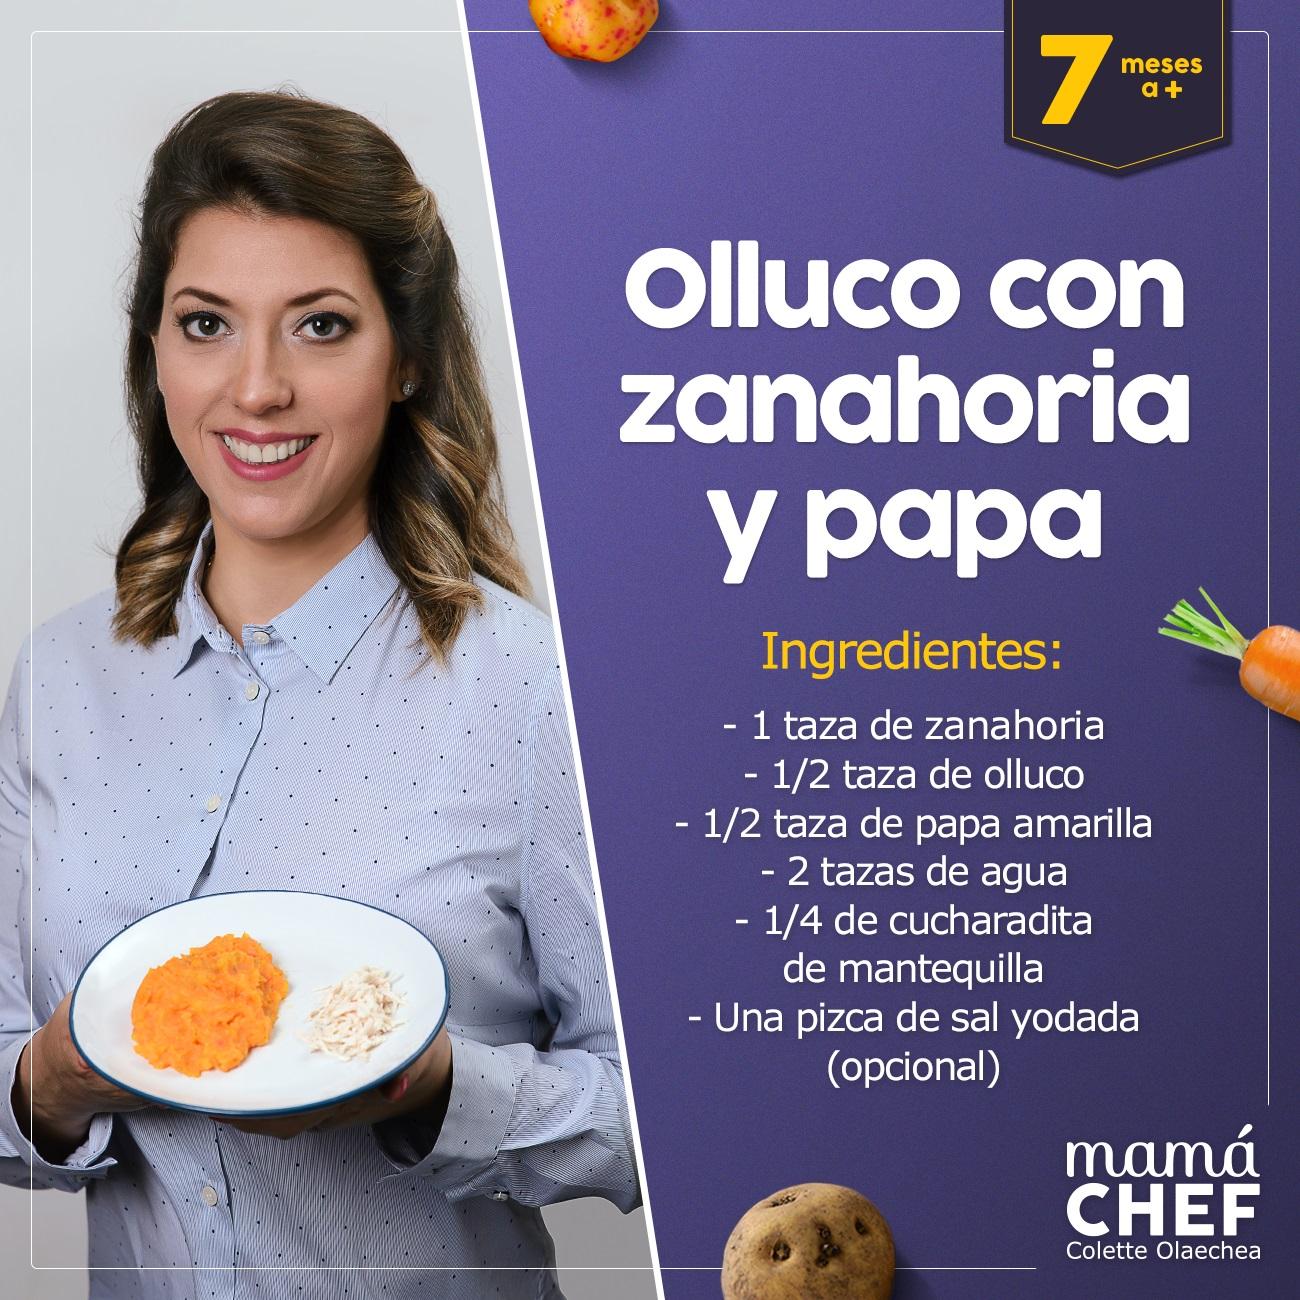 Olluco con zanahoria Papillas papilla  bebes 7 meses Mama Chef Colette Olaechea